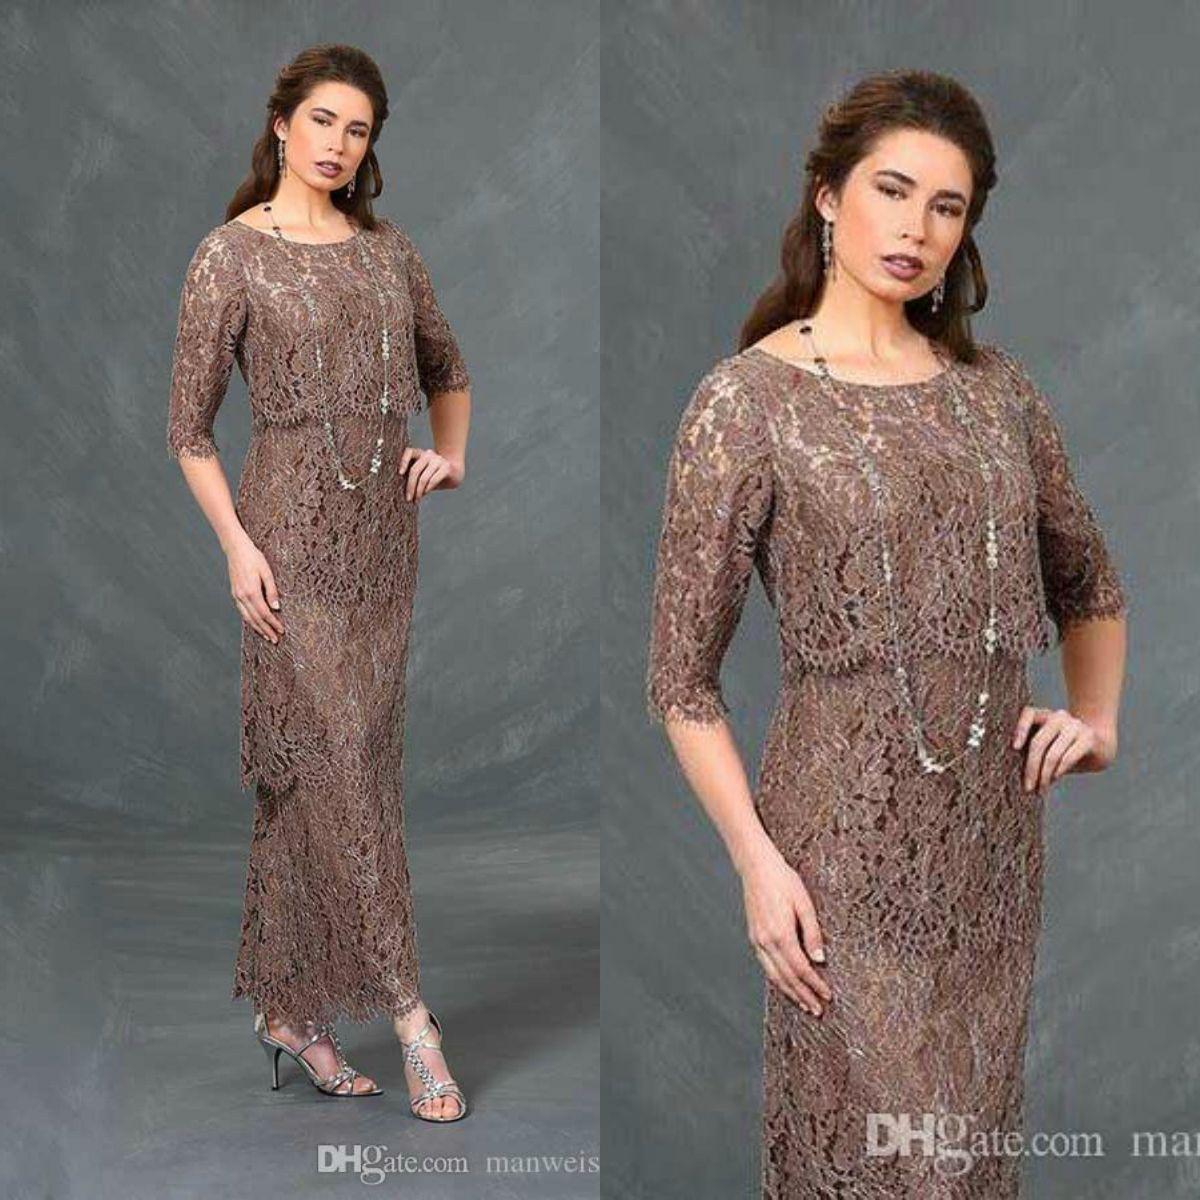 Gelin Elbiseler Ayak bileği uzunluğu düğün Misafir Elbise Tam Dantel Uzun Kadınlar Biçimsel Kıyafet 2020 Ursula Brown Anne